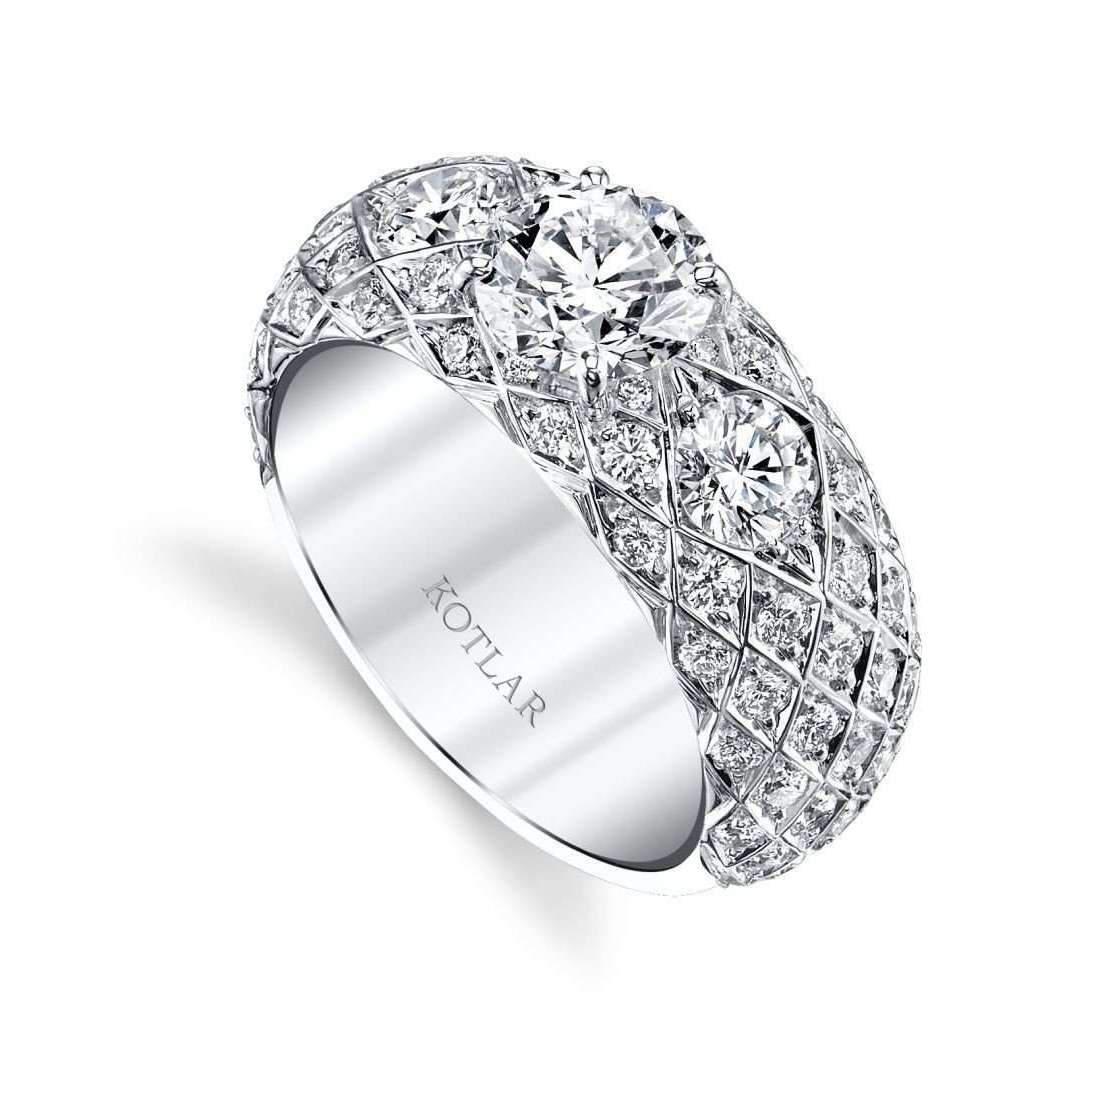 Harry Kotlar Princess Cut Criss Cross Artisan Pave Ring - UK M - US 6 - EU 52 3/4 bP2KQf